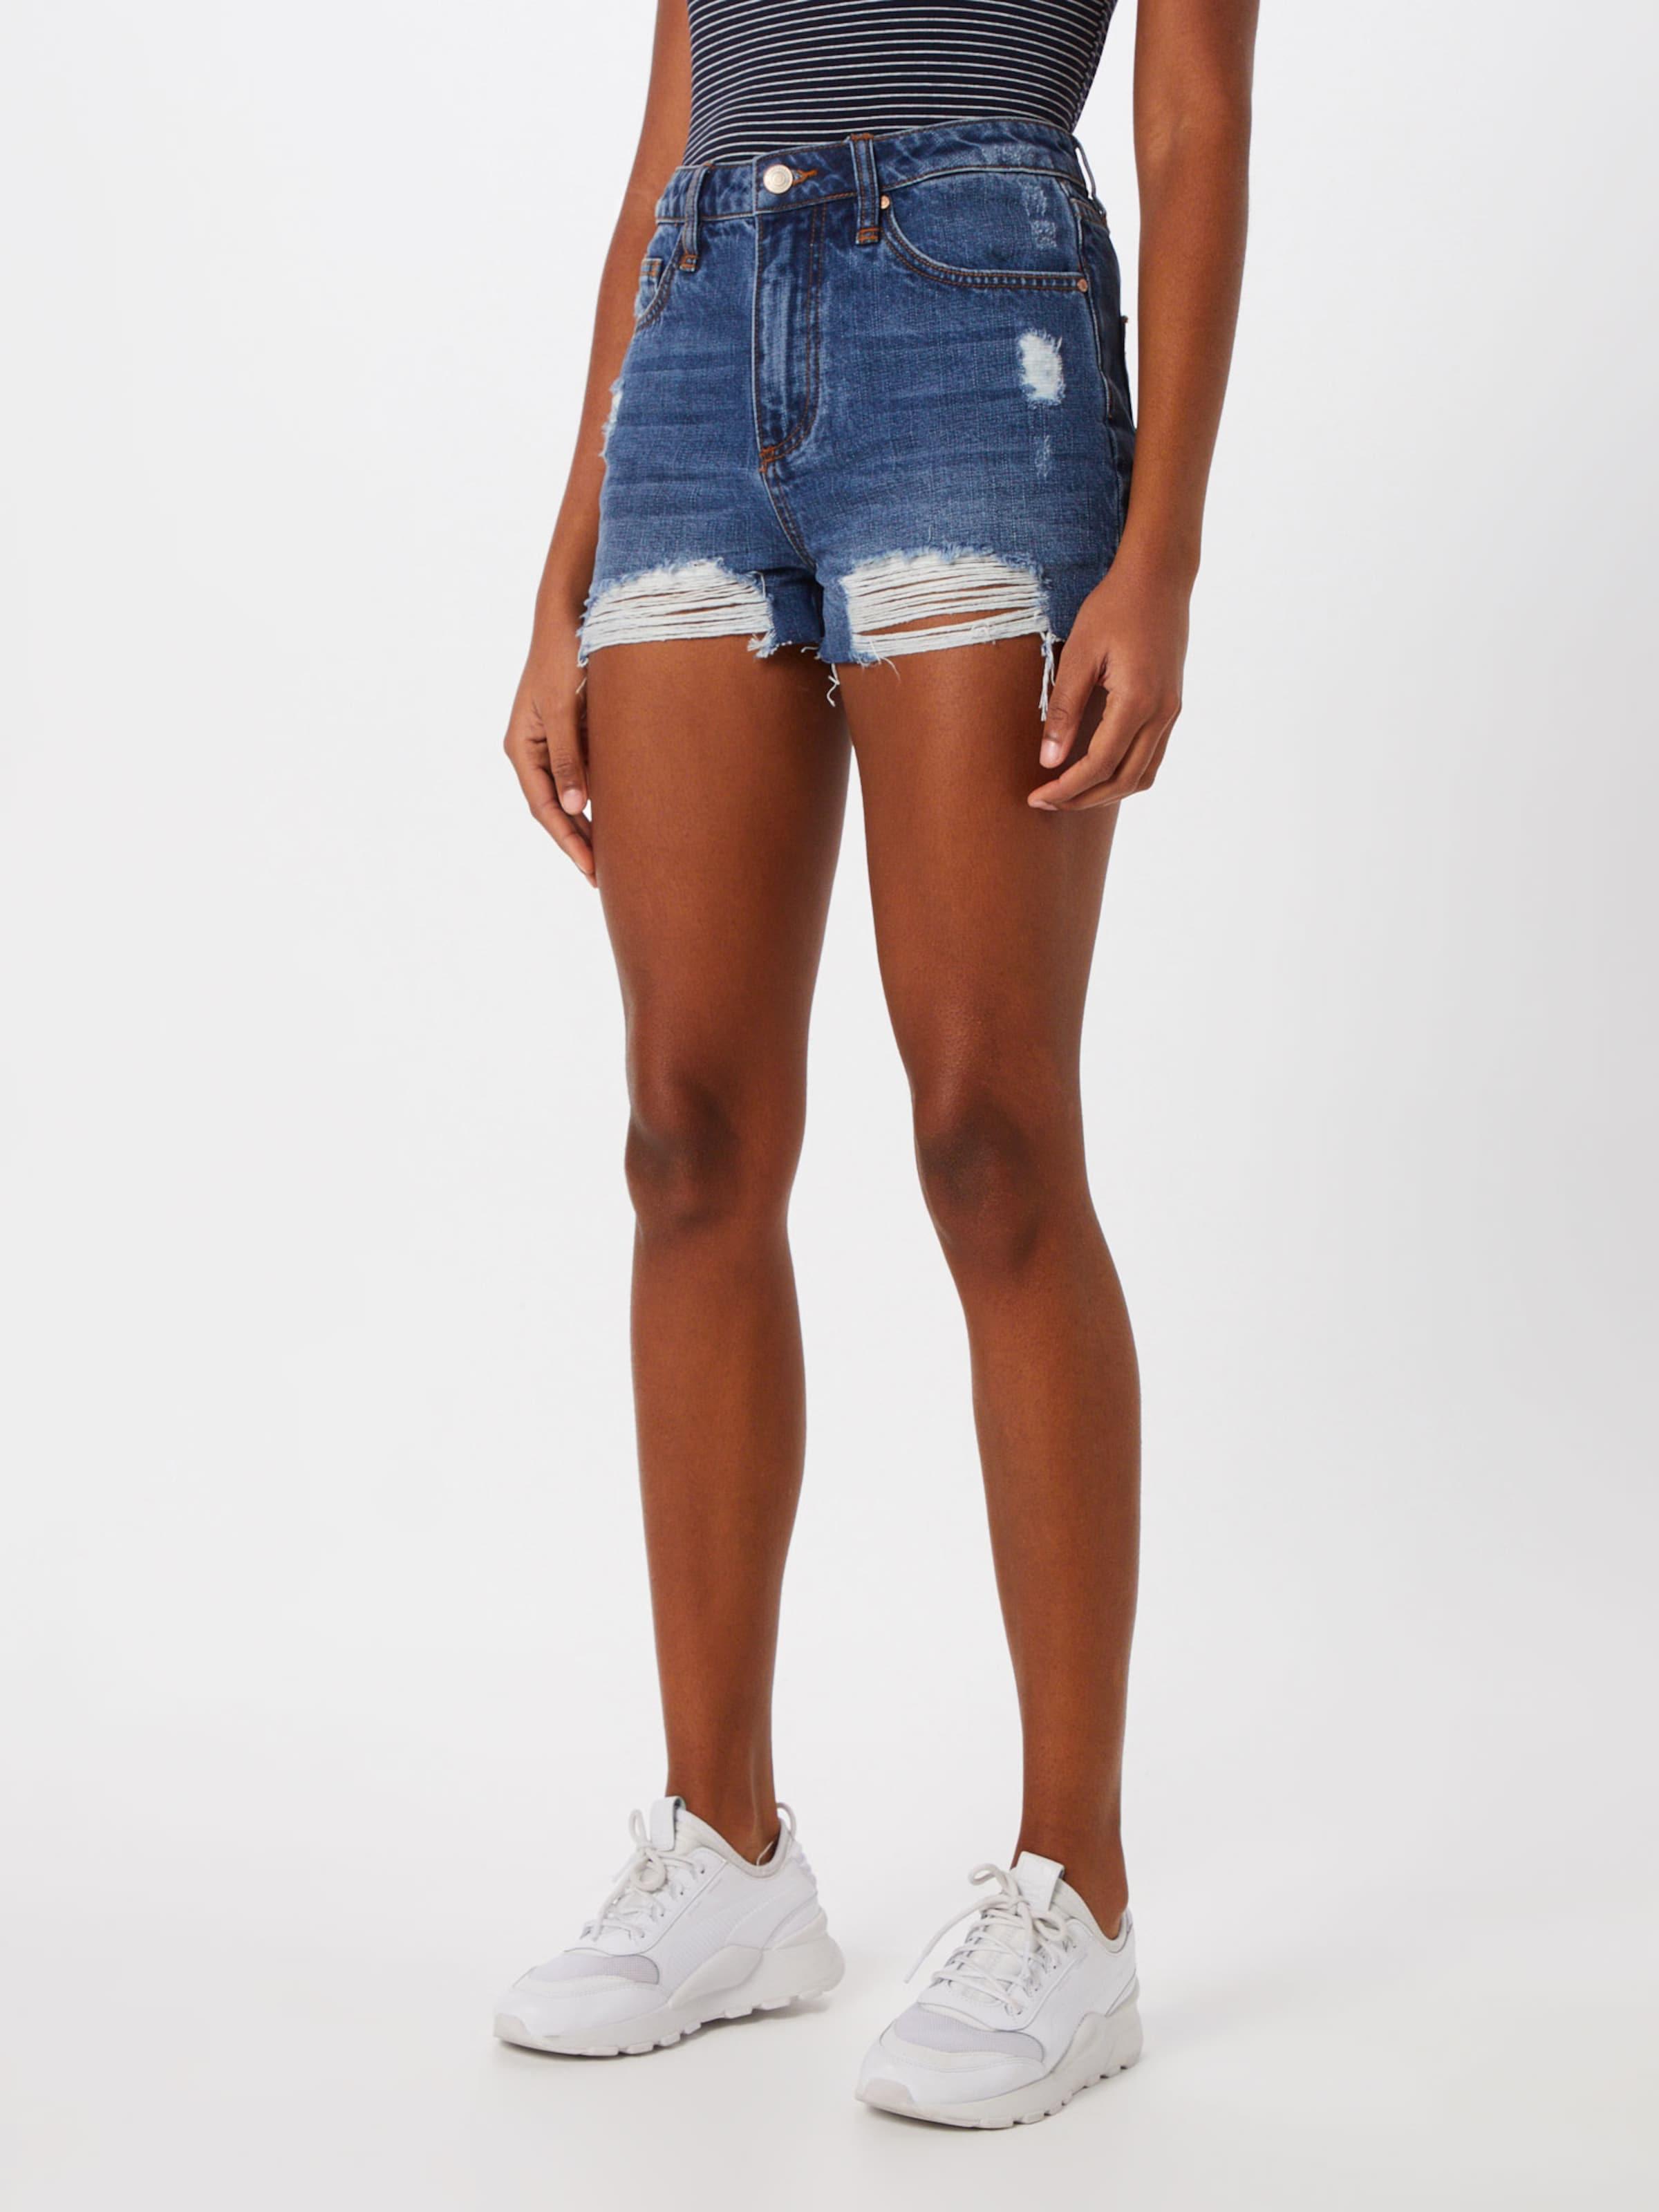 Blue Denim Shorts In Funky Buddha mn8w0N